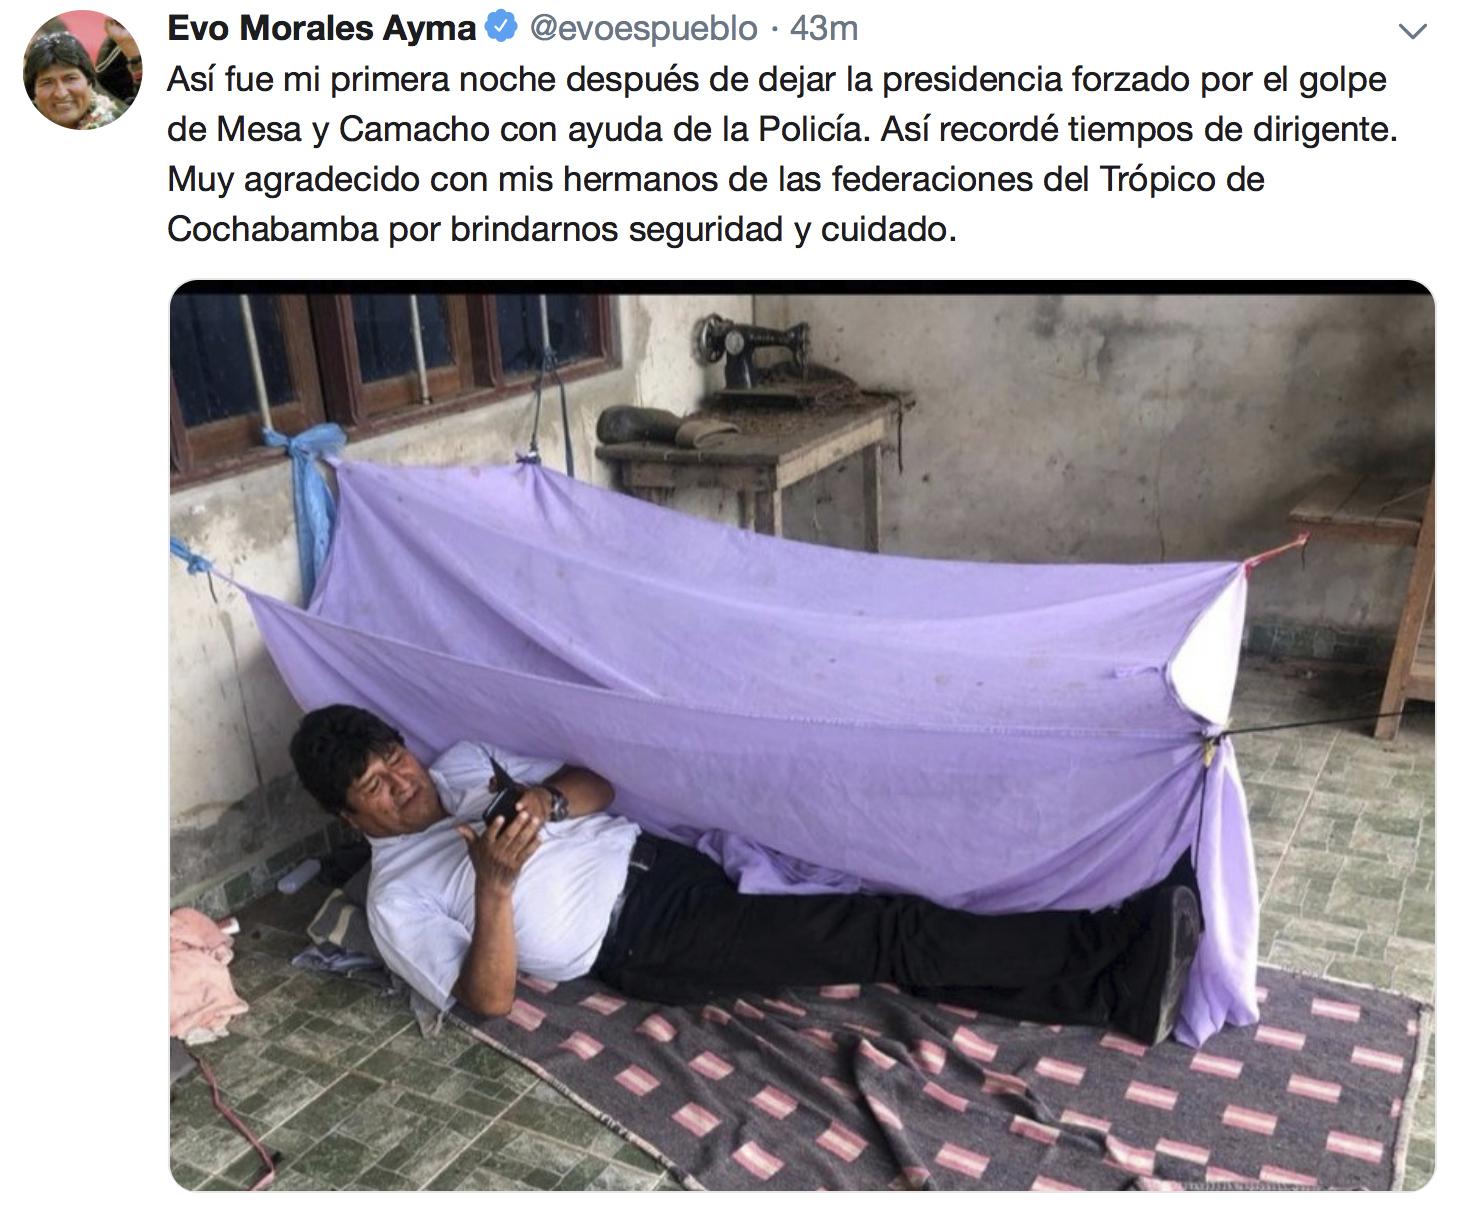 에보 모랄레스 볼리비아 전 대통령이 11일(현지시간) 퇴임 첫날밤 심경을 담은 글을 사진과 함께 자신의 트위터에 올렸다. [트위터 , AP=연합뉴스]